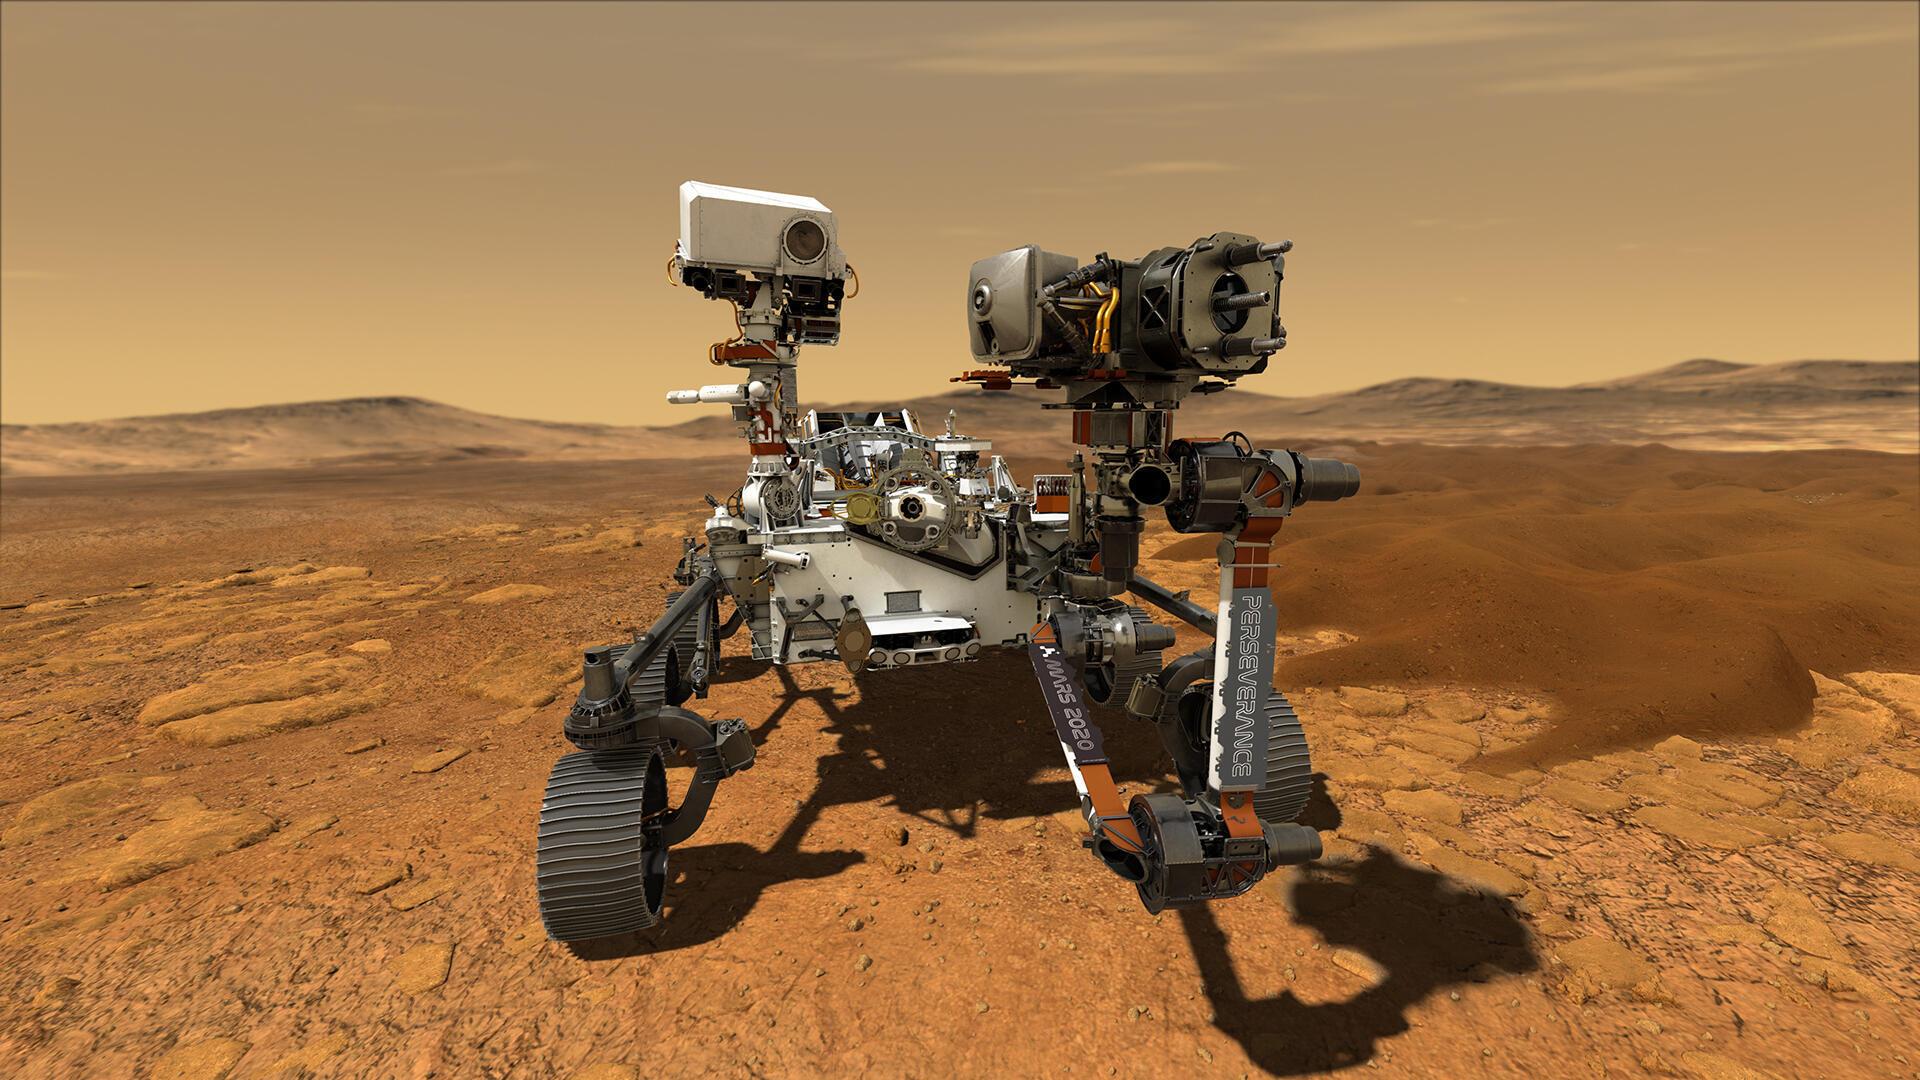 Le rover «Perseverance» de la Nasa doit atterrir sur la planète Mars dans une prochaine mission américaine en juillet 2020.